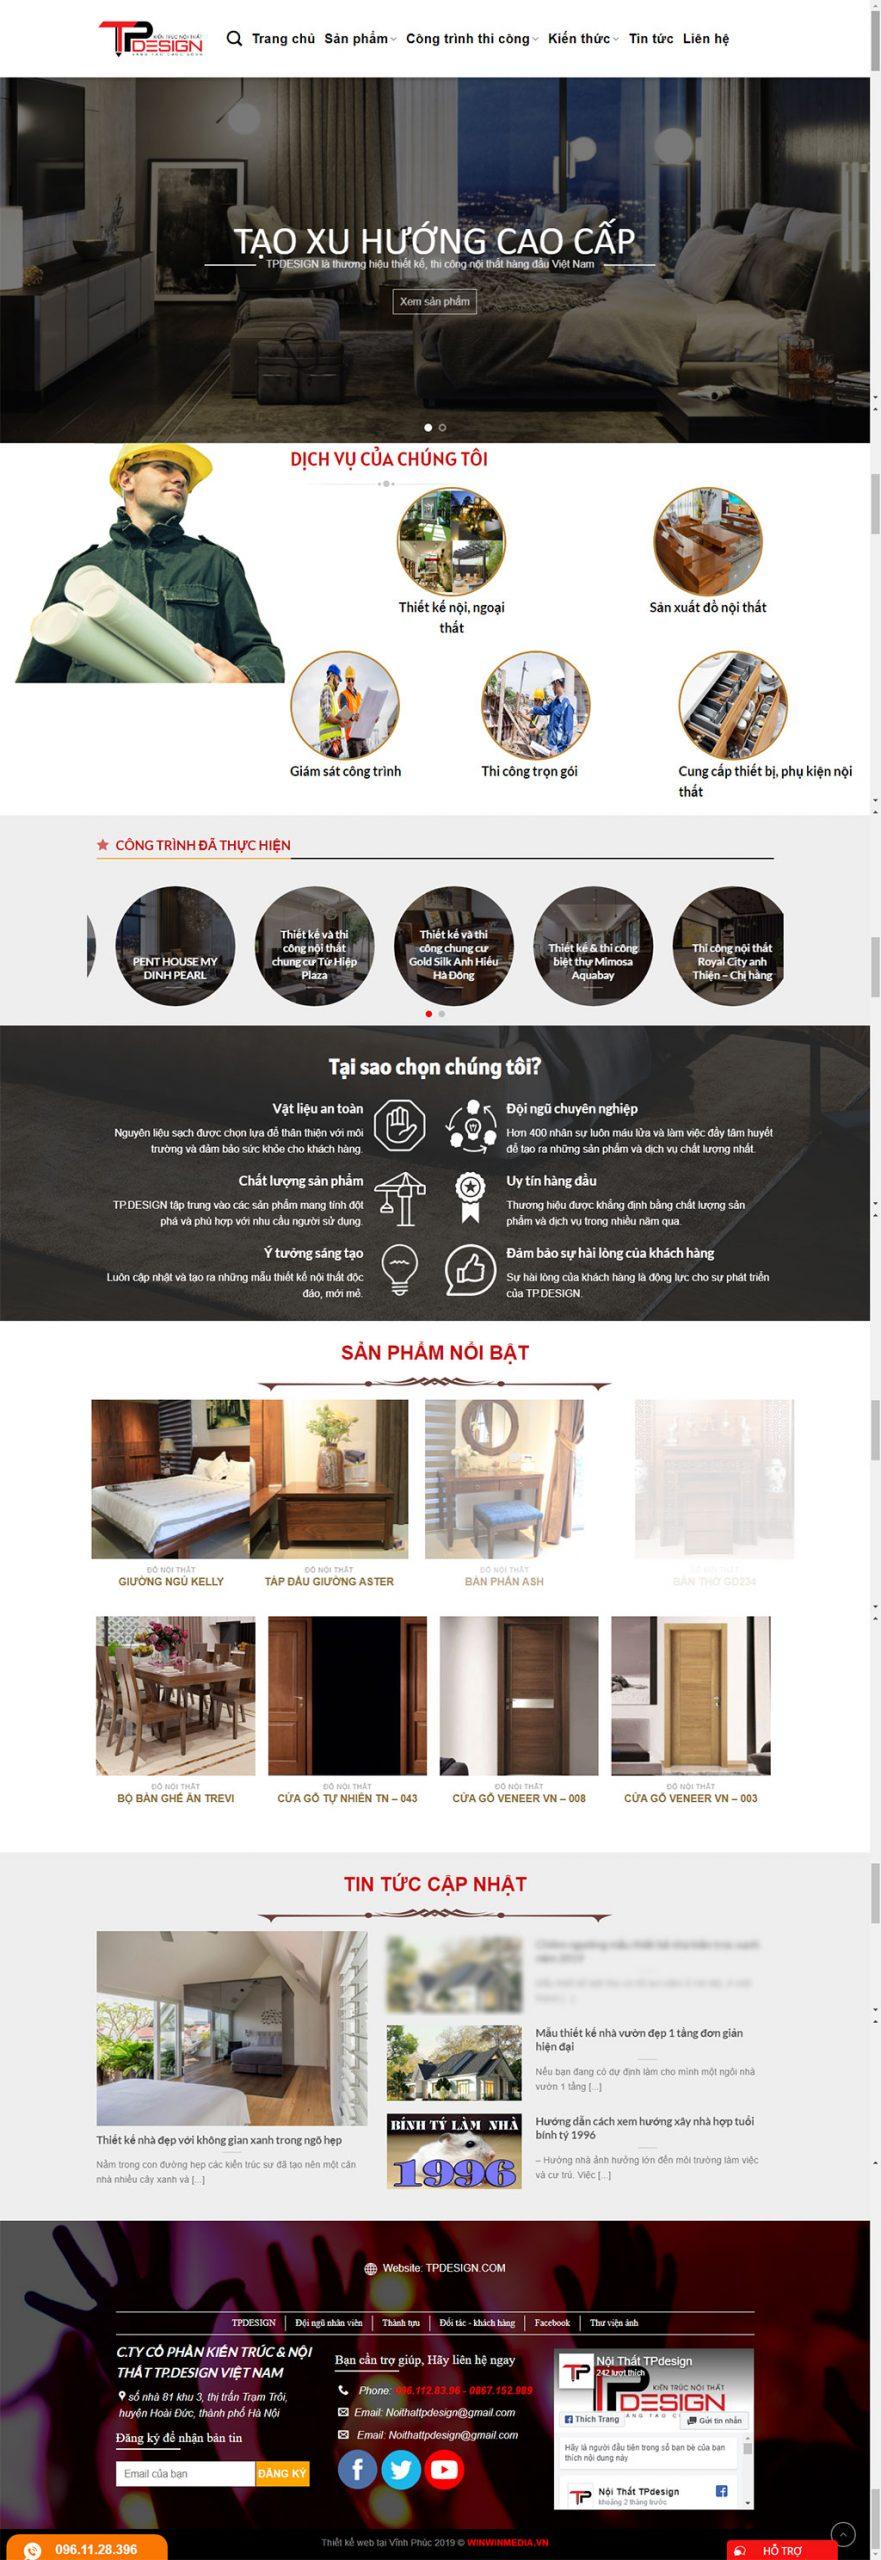 Mẫu web thiết kế kiến trúc TP.DESIGN tại Hà Nội